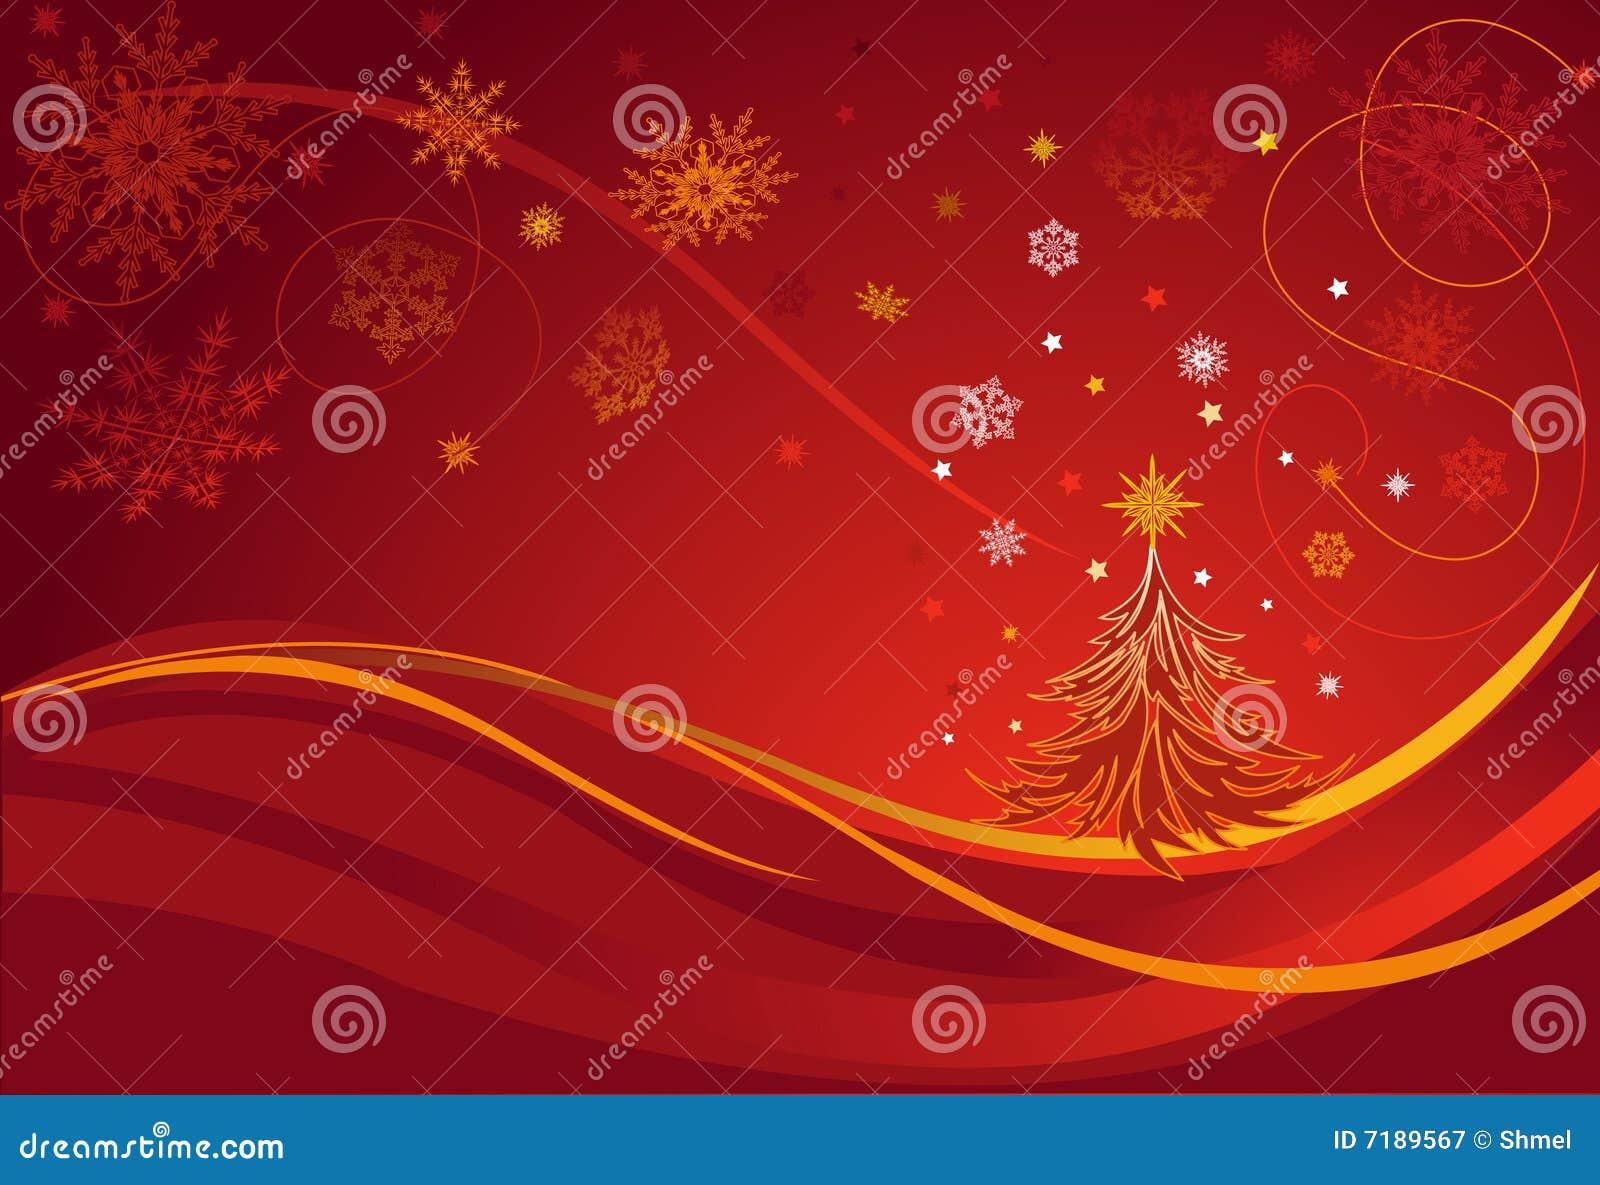 Árvore de Natal. Cartão. Fundo vermelho.